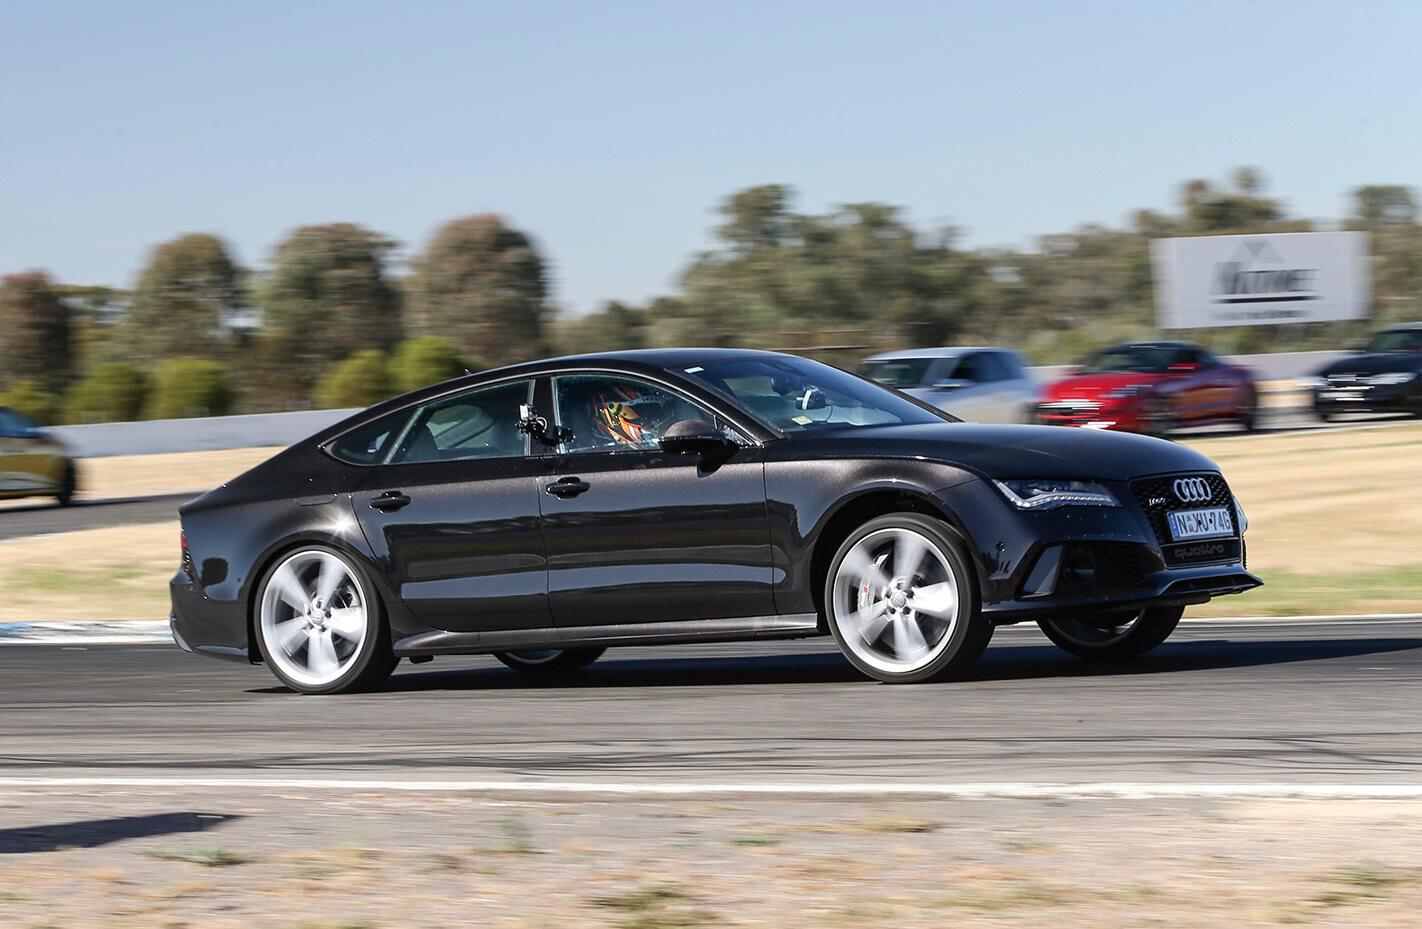 PCOTY 8th - Audi S7